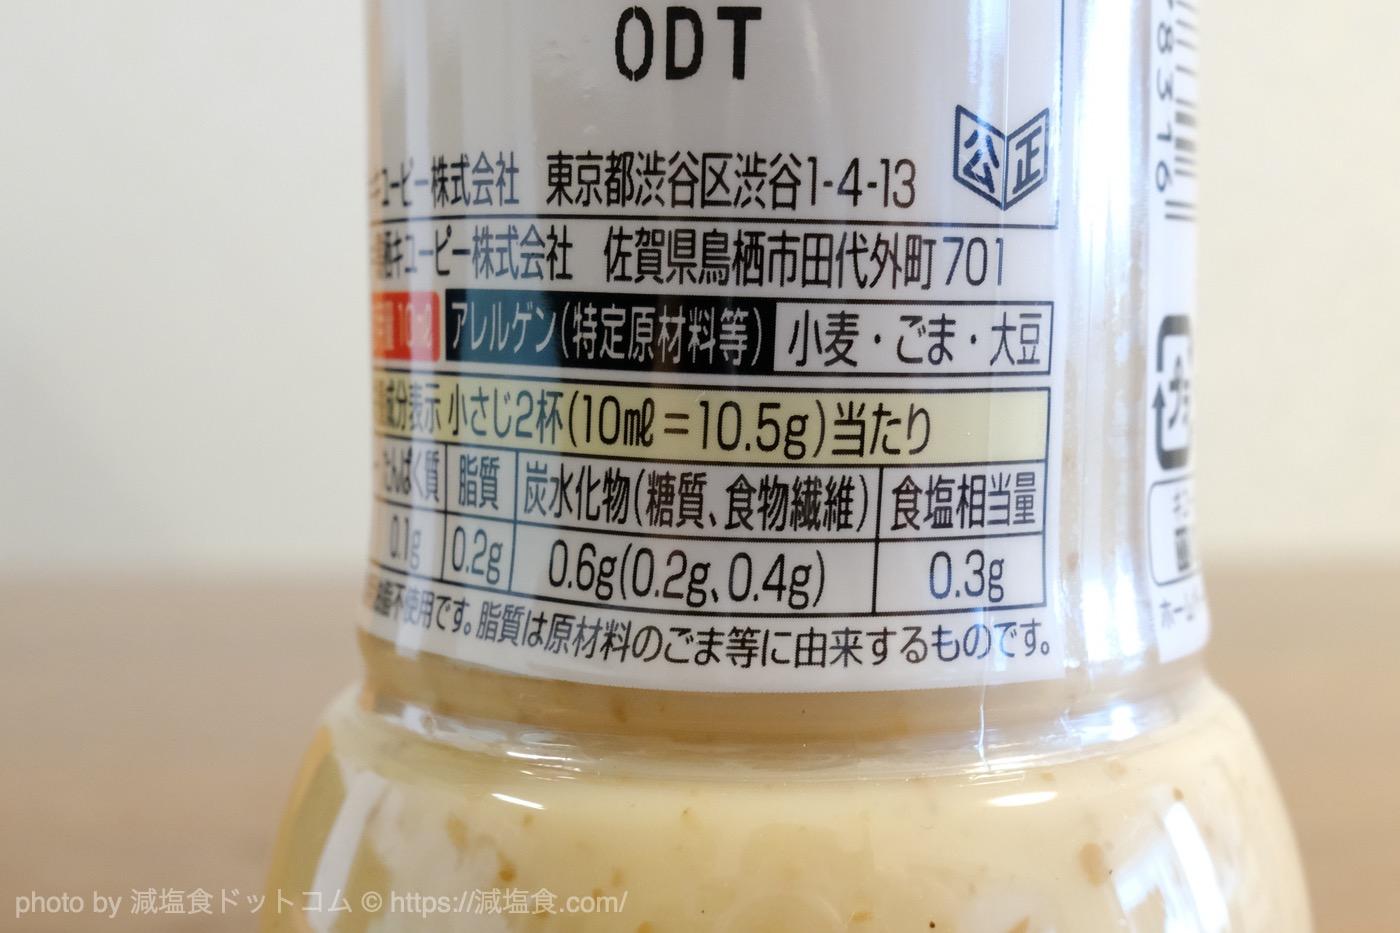 ジャネフ 減塩和風 ノンオイルドレッシング 塩分